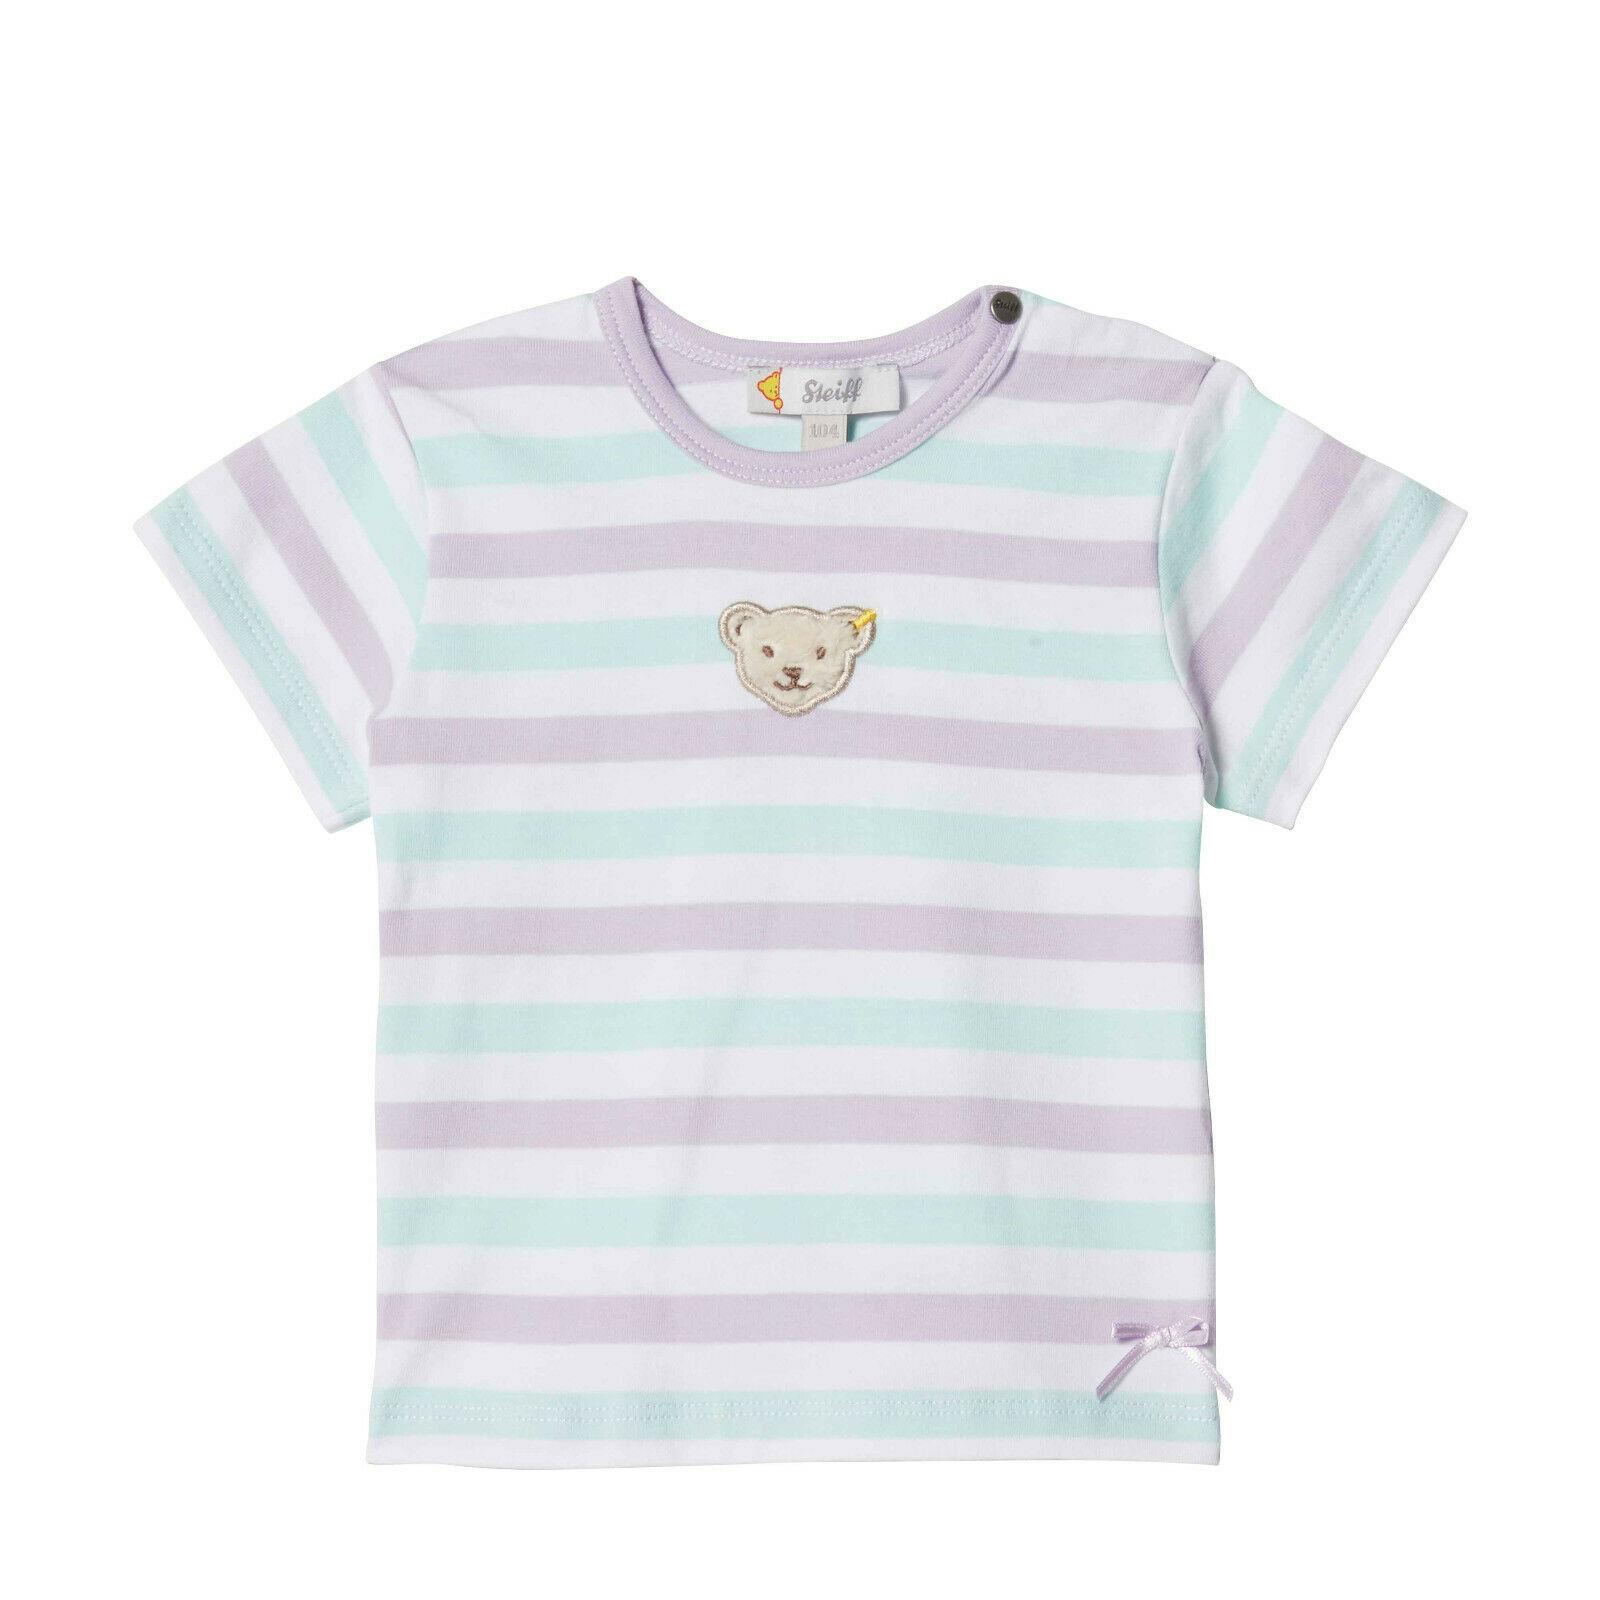 56 T-Shirt,WEI/ß GR Steiff